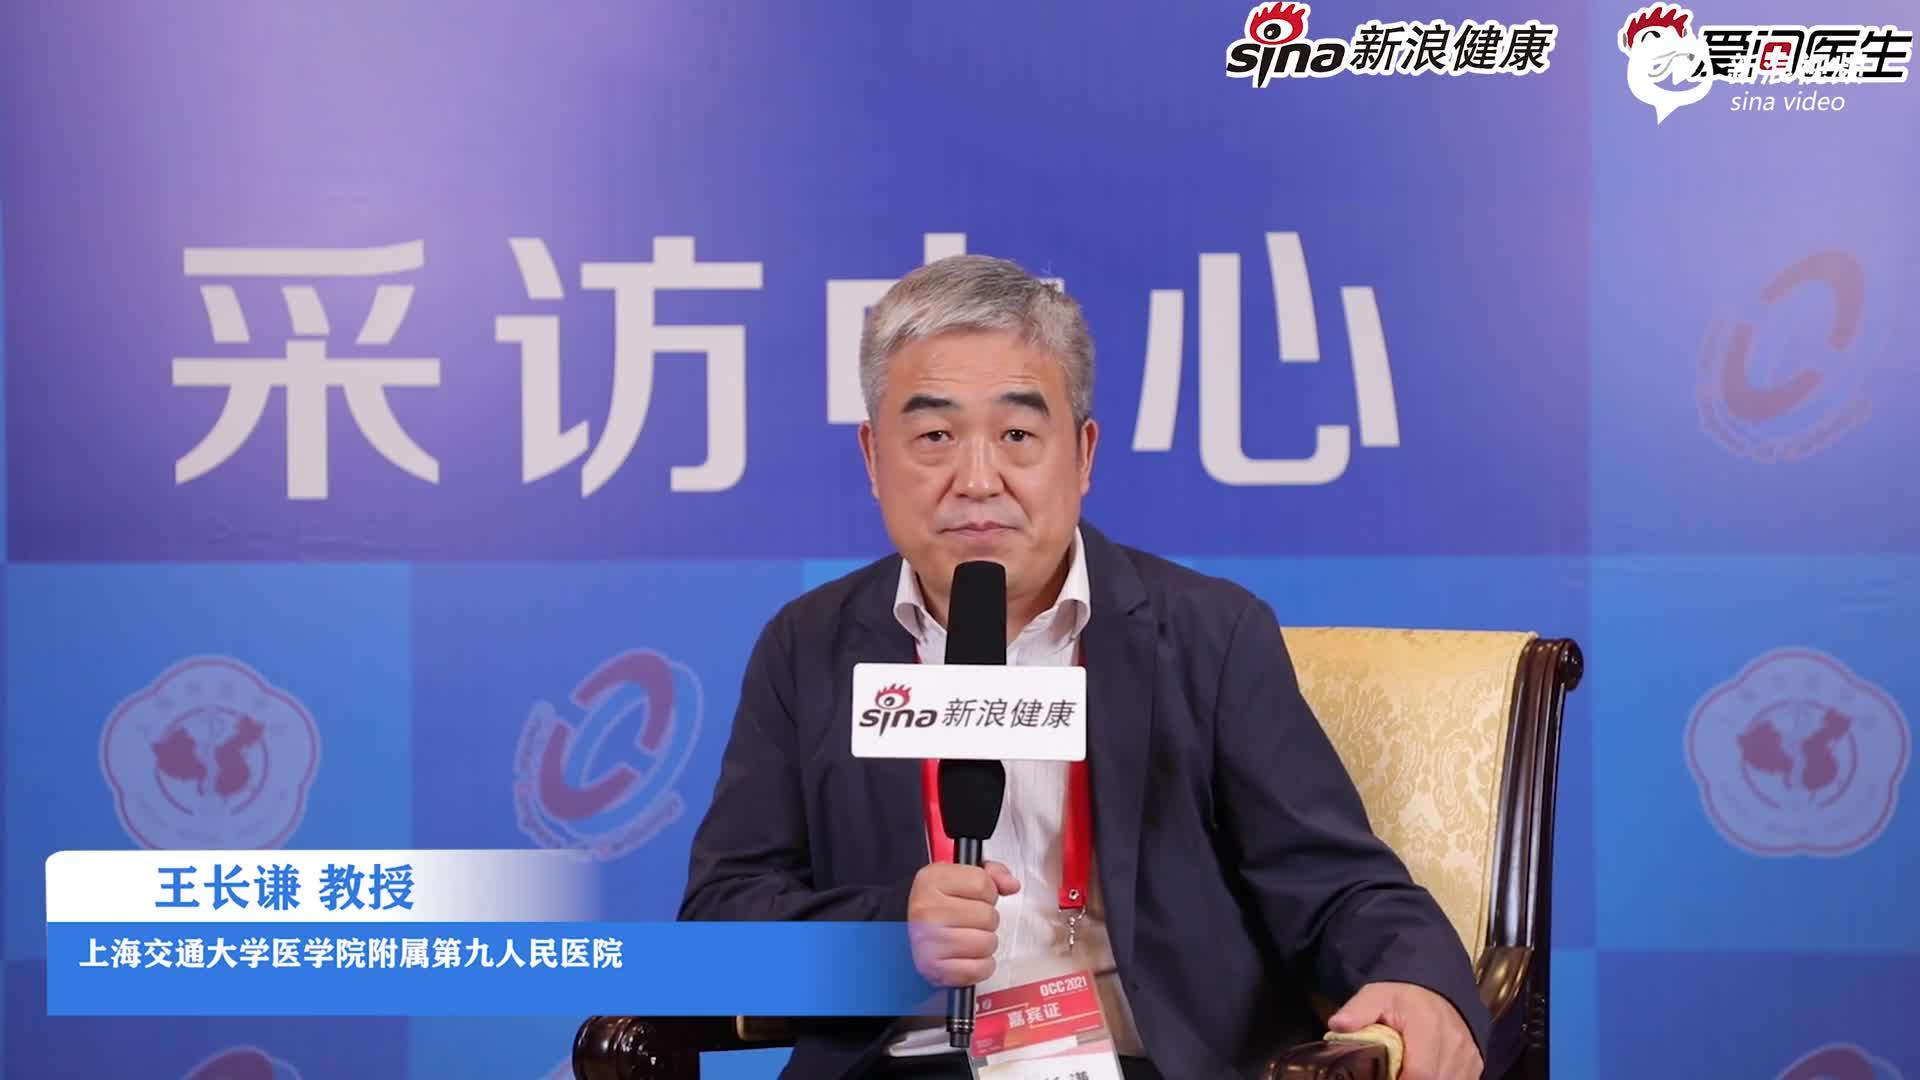 2021 OCC专家声音   王长谦教授:重预防,早日迎心血管疾病拐点